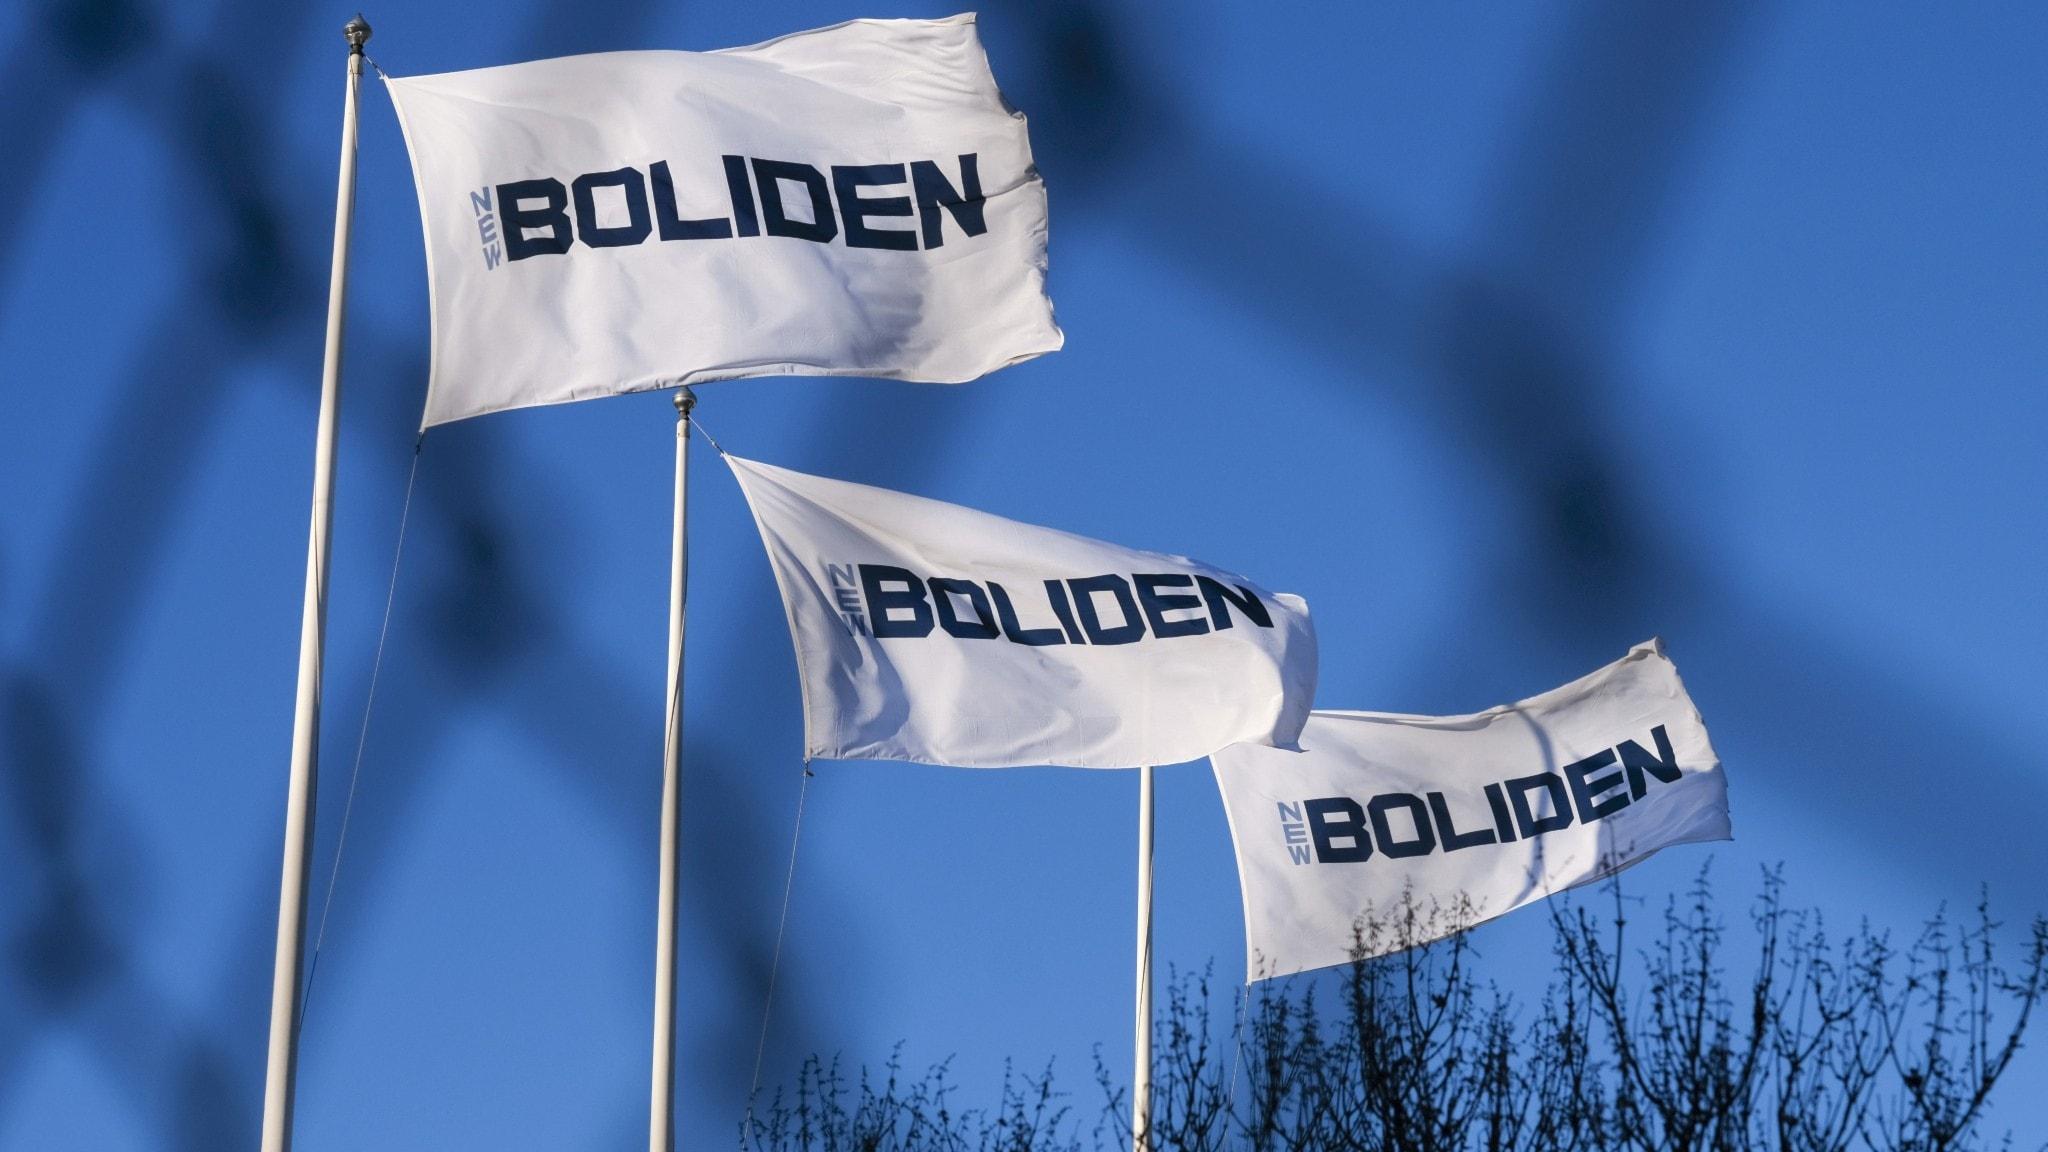 Hård FN-kritik mot Sverige och Boliden